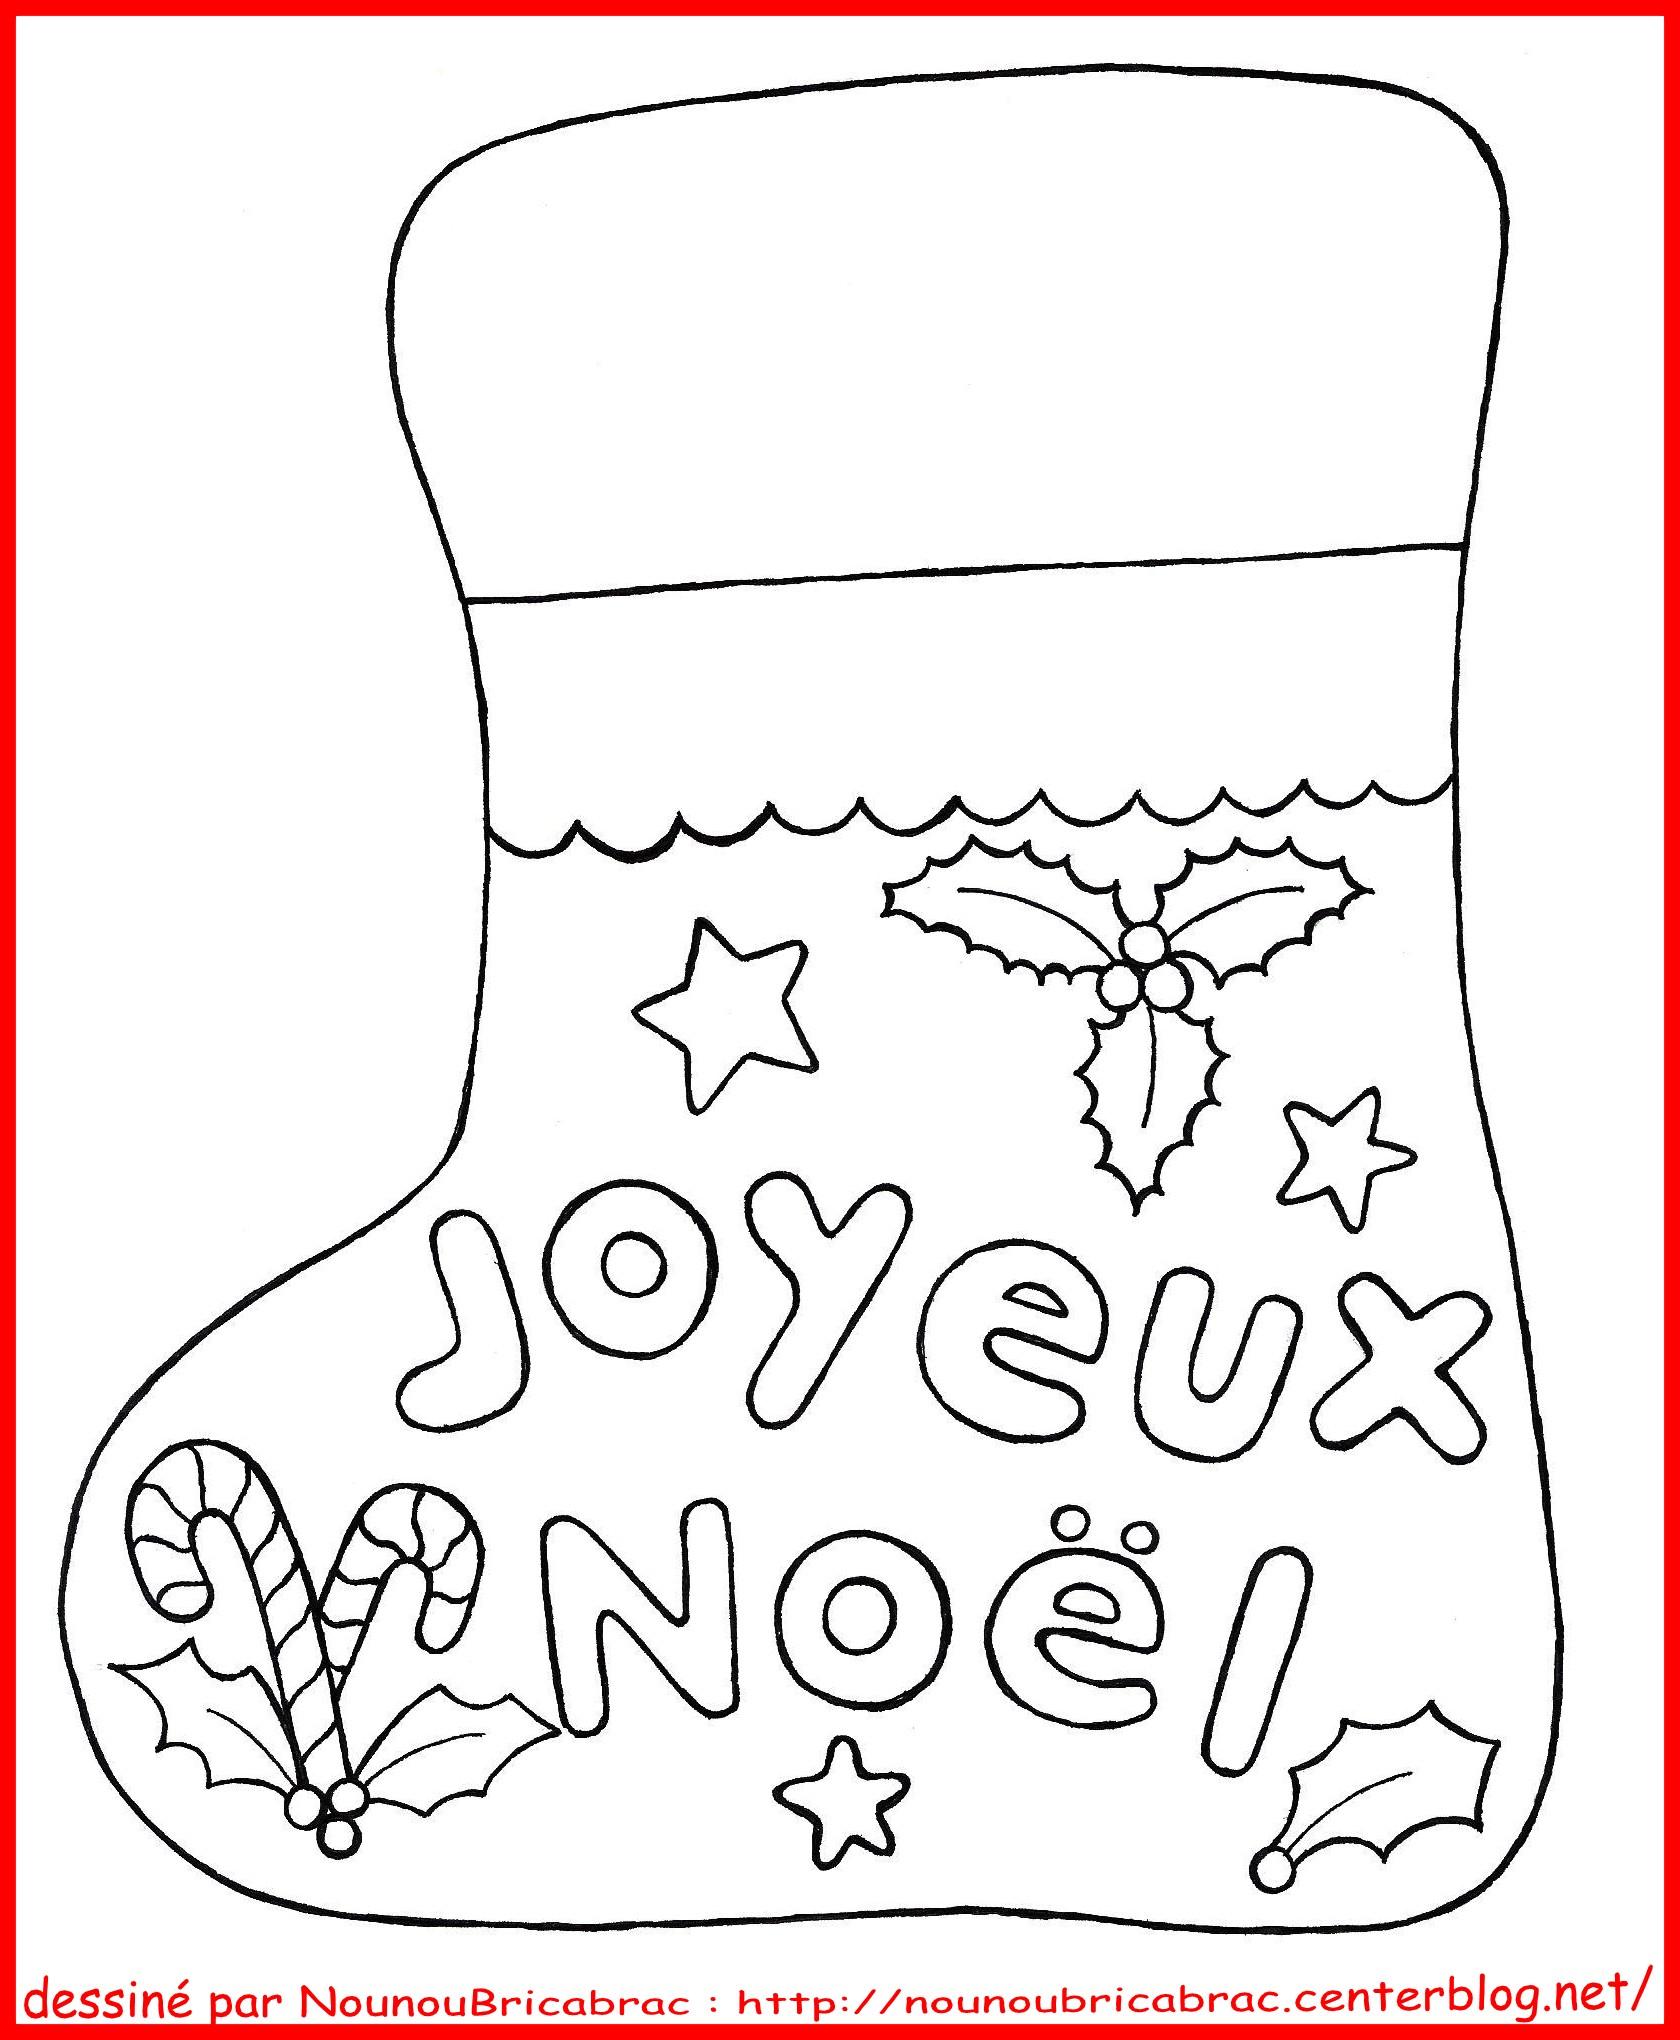 16 dessins de coloriage hiver noel imprimer - Coloriage hivers ...